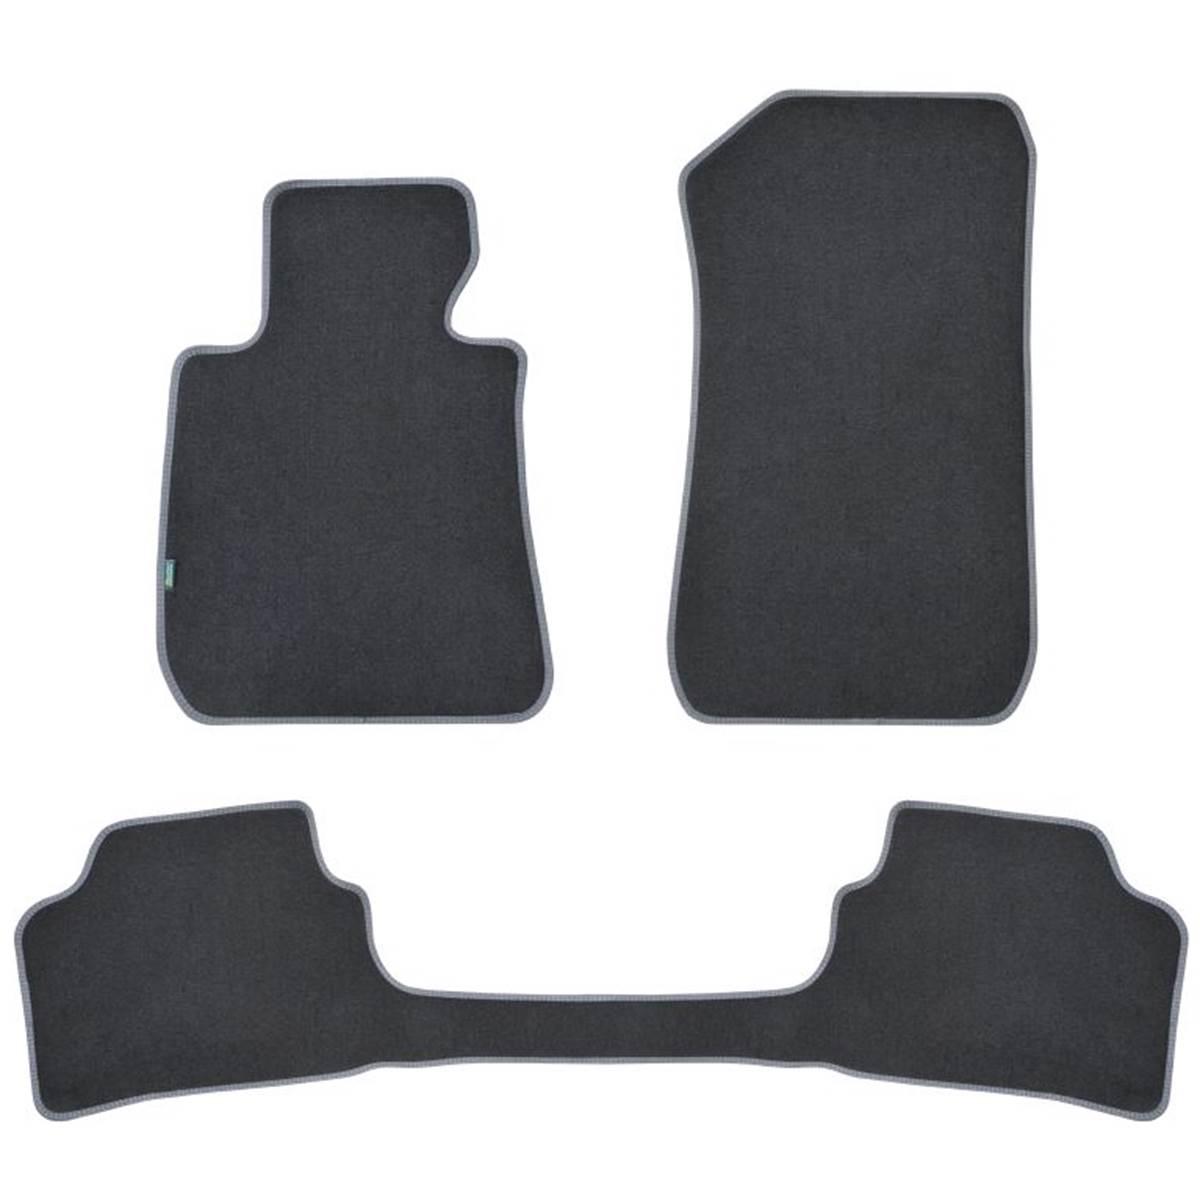 3 tapis avec pont SUR MESURE pour BMW Série 3 E90 & break E91 Feu Vert Premium